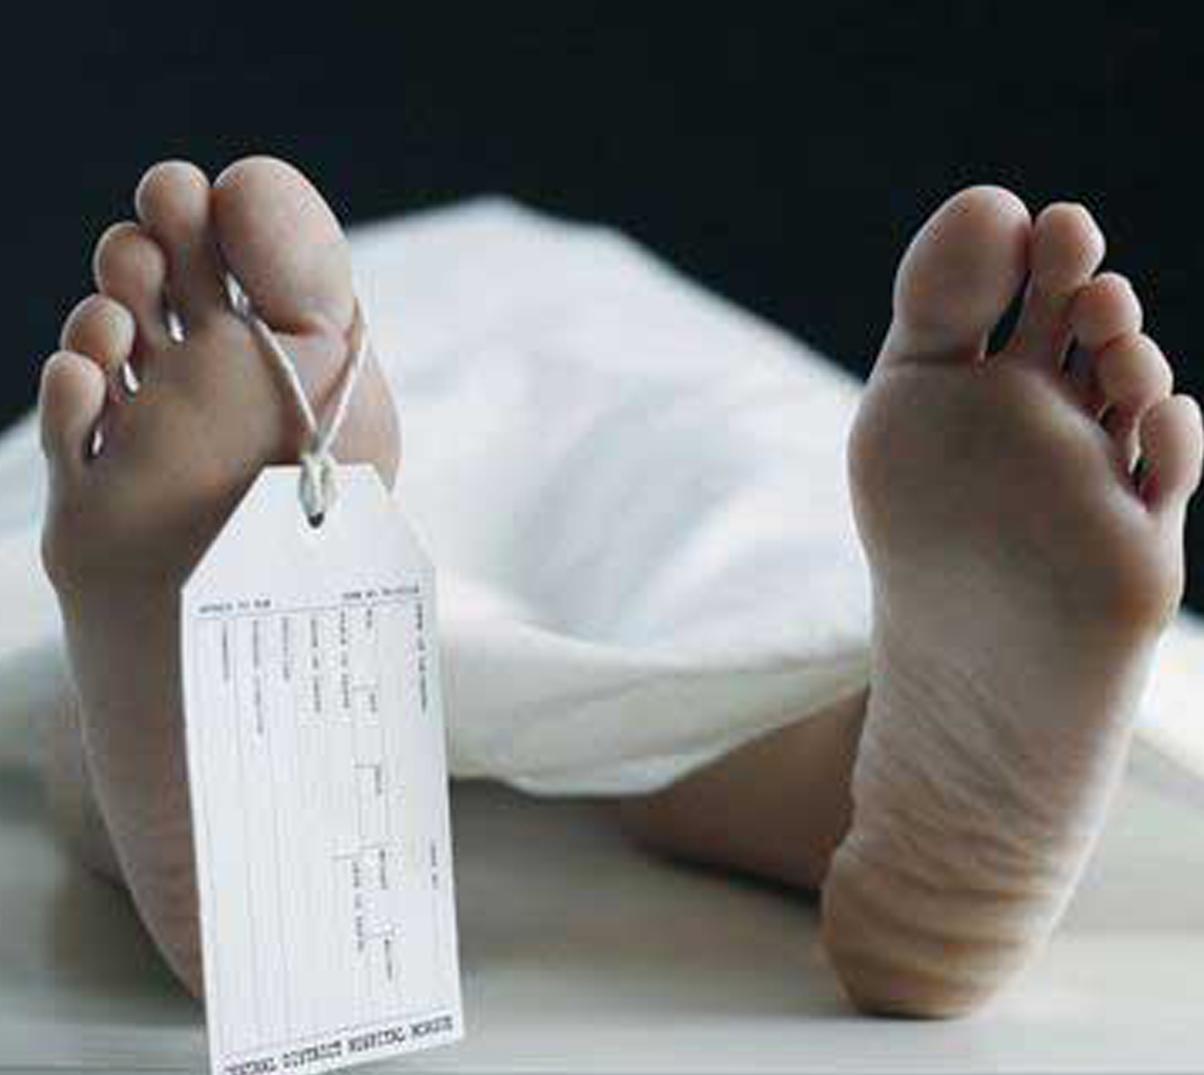 В КЧР сообщили о самоубийстве подростка